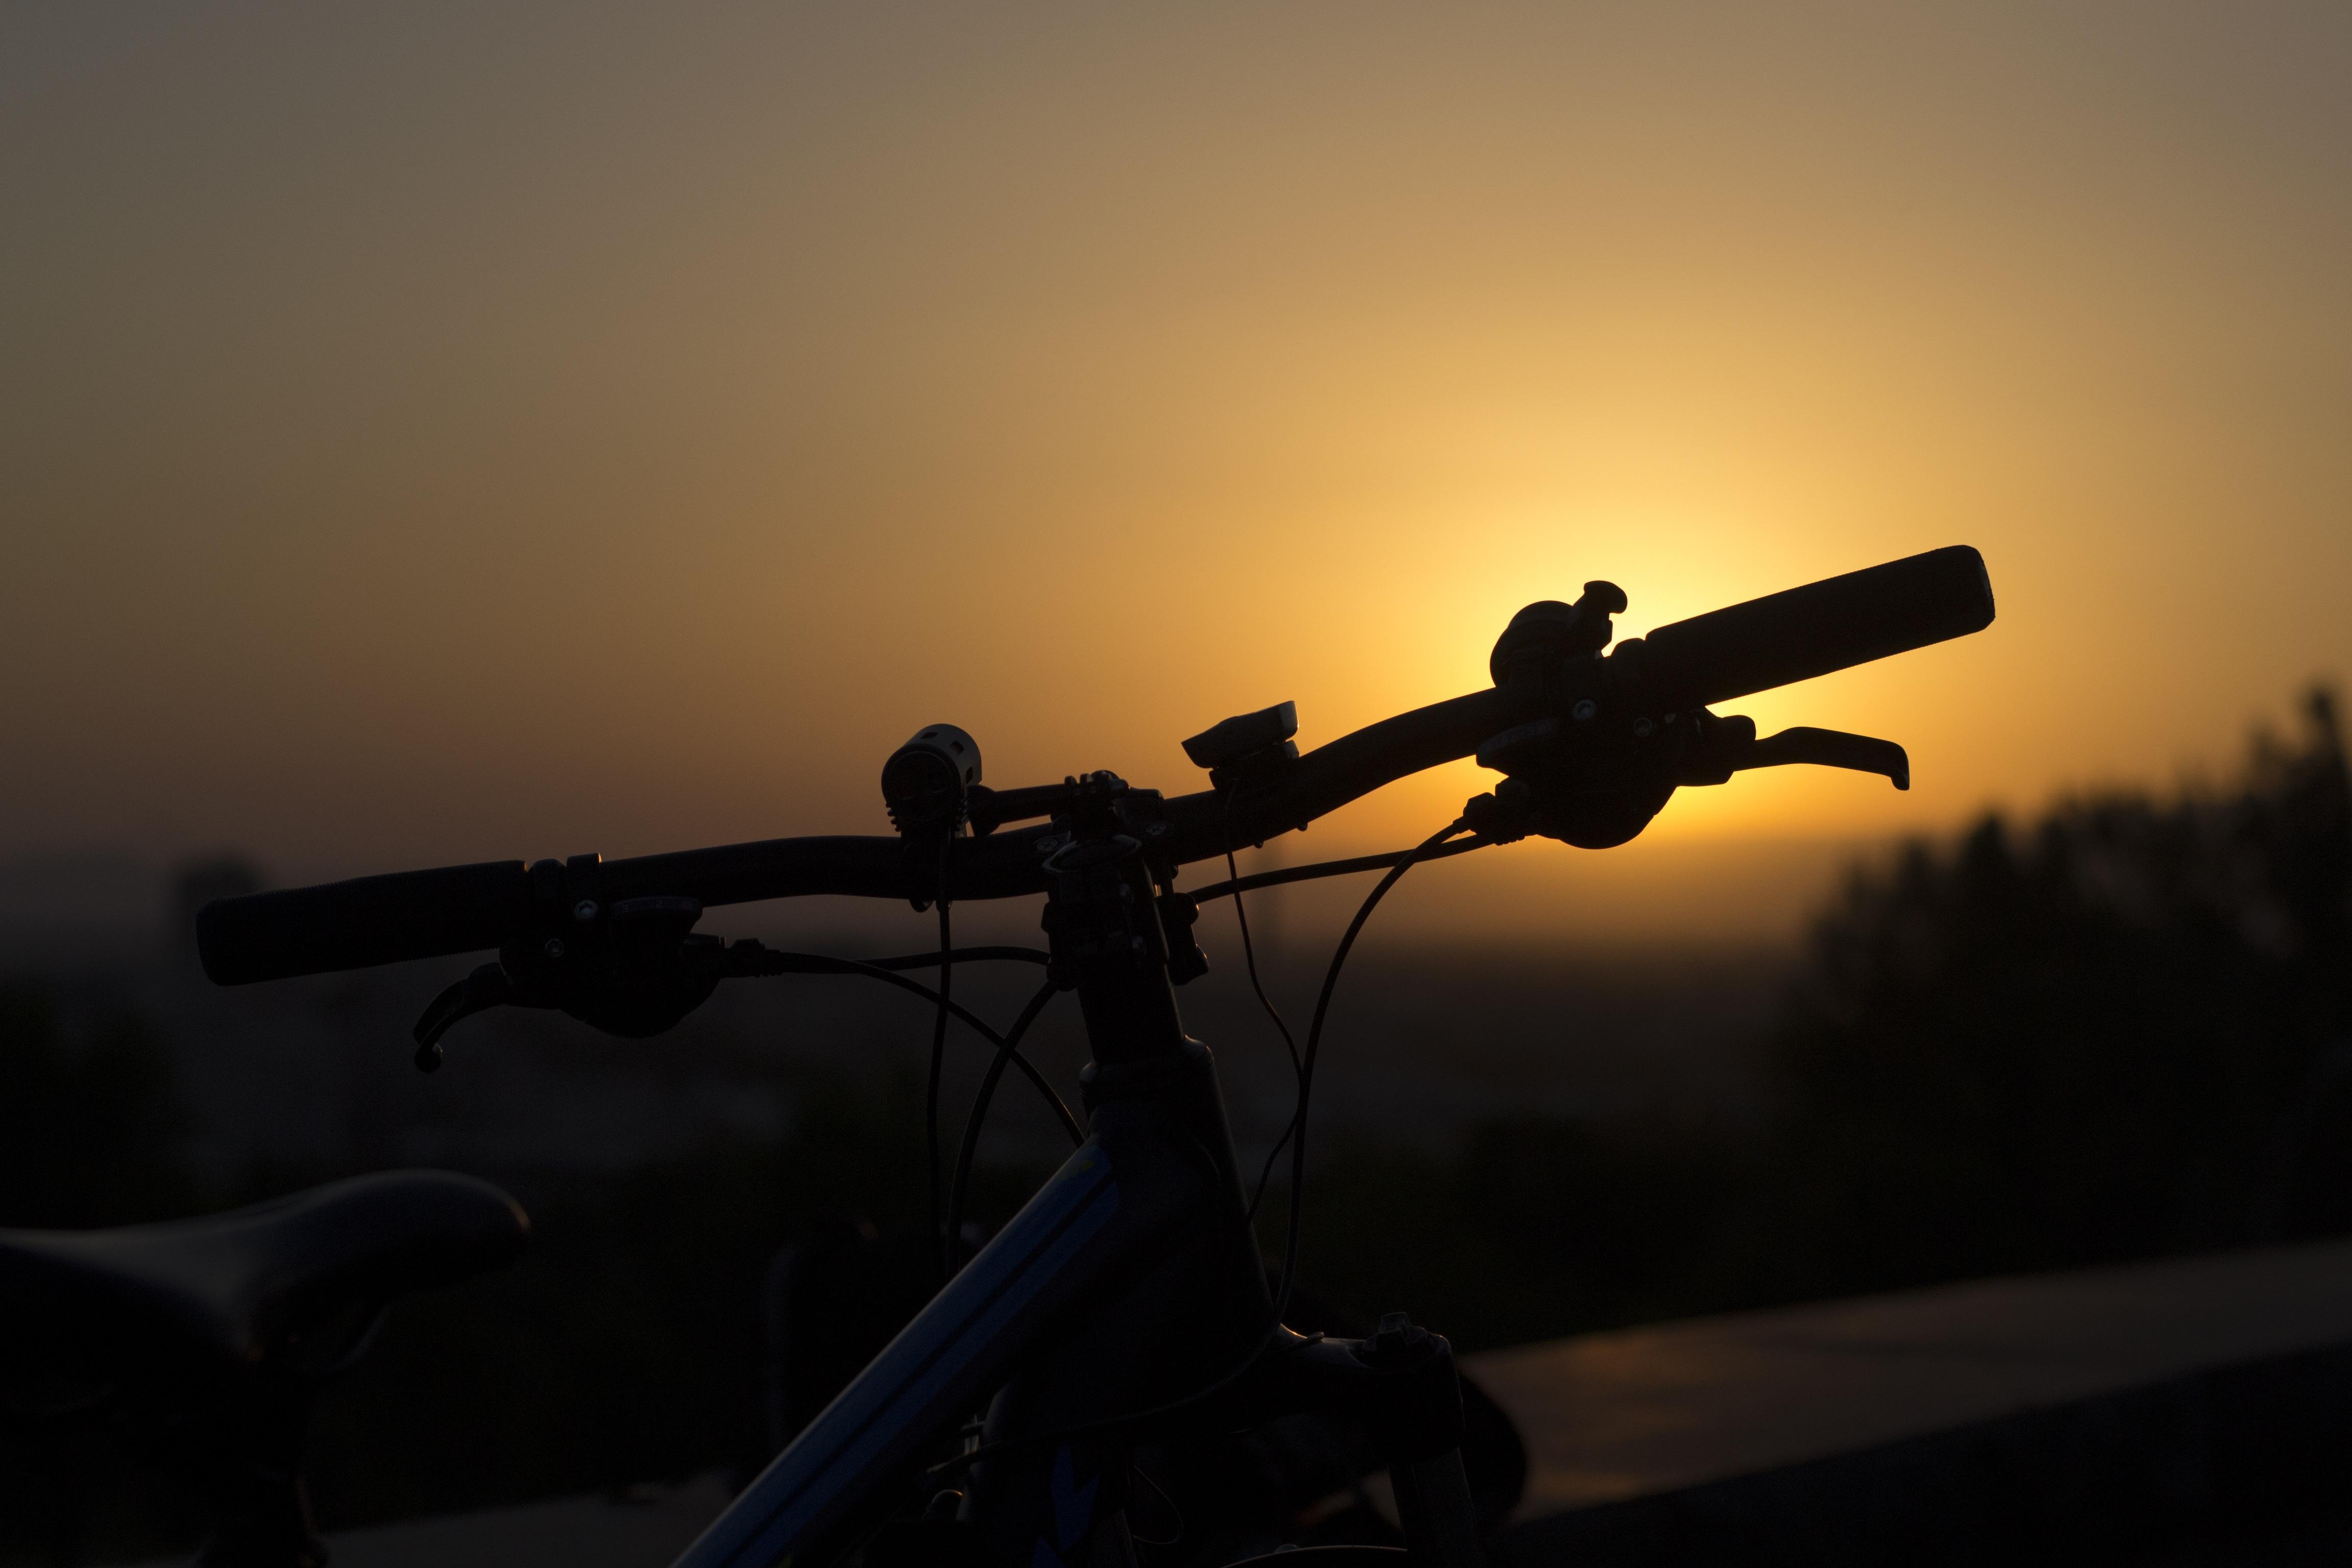 bike-1517758